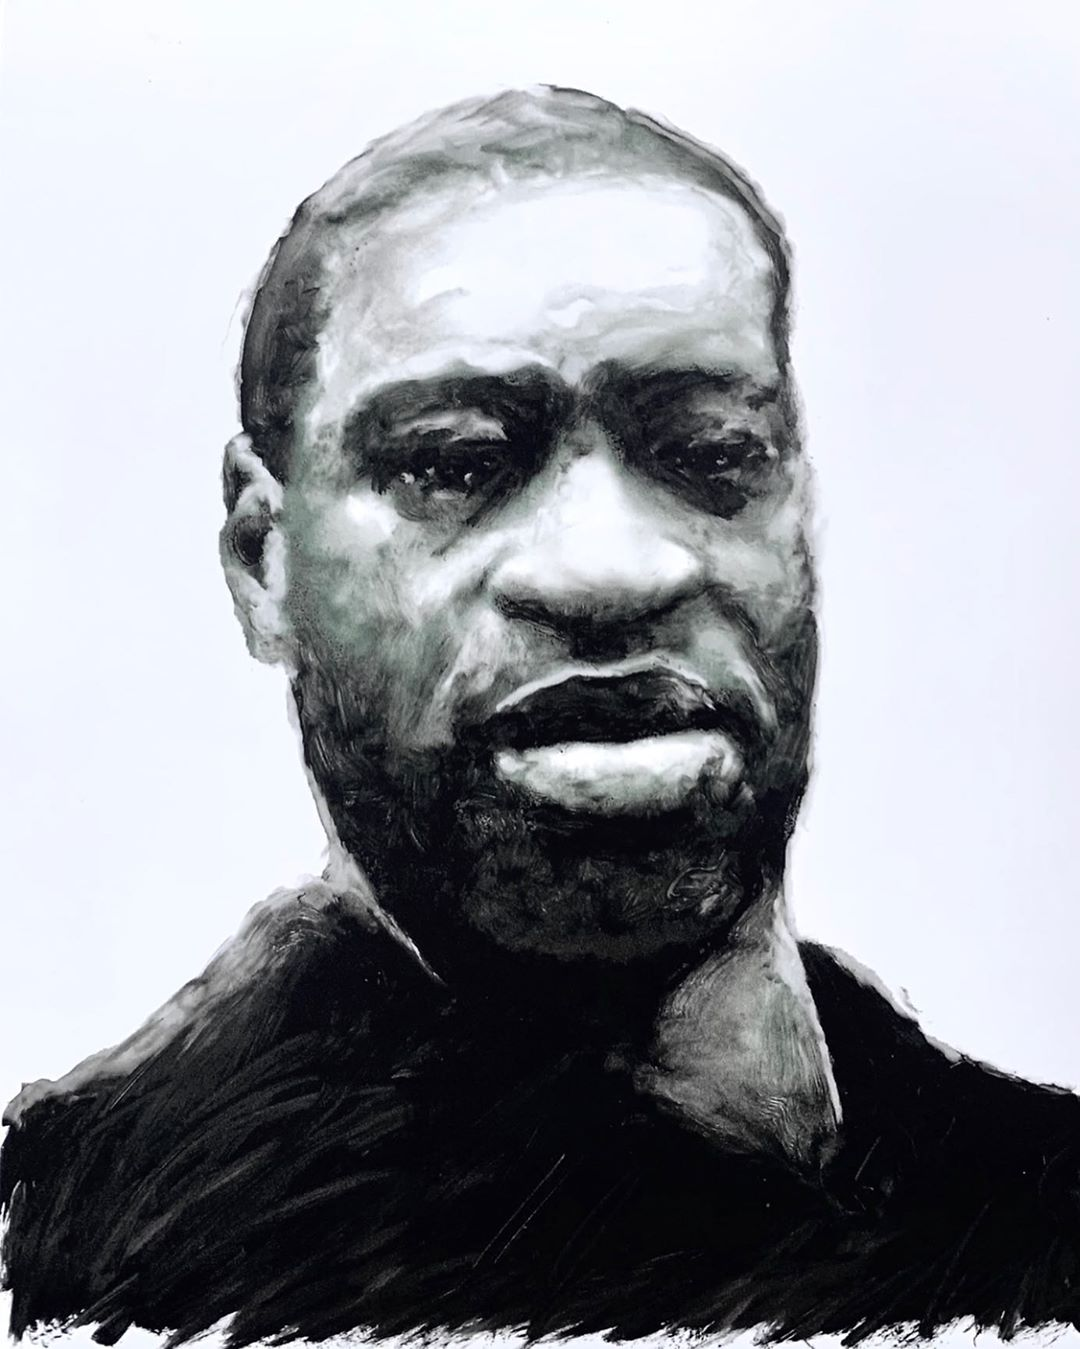 John Ratajkowksi's portrait of George Floyd